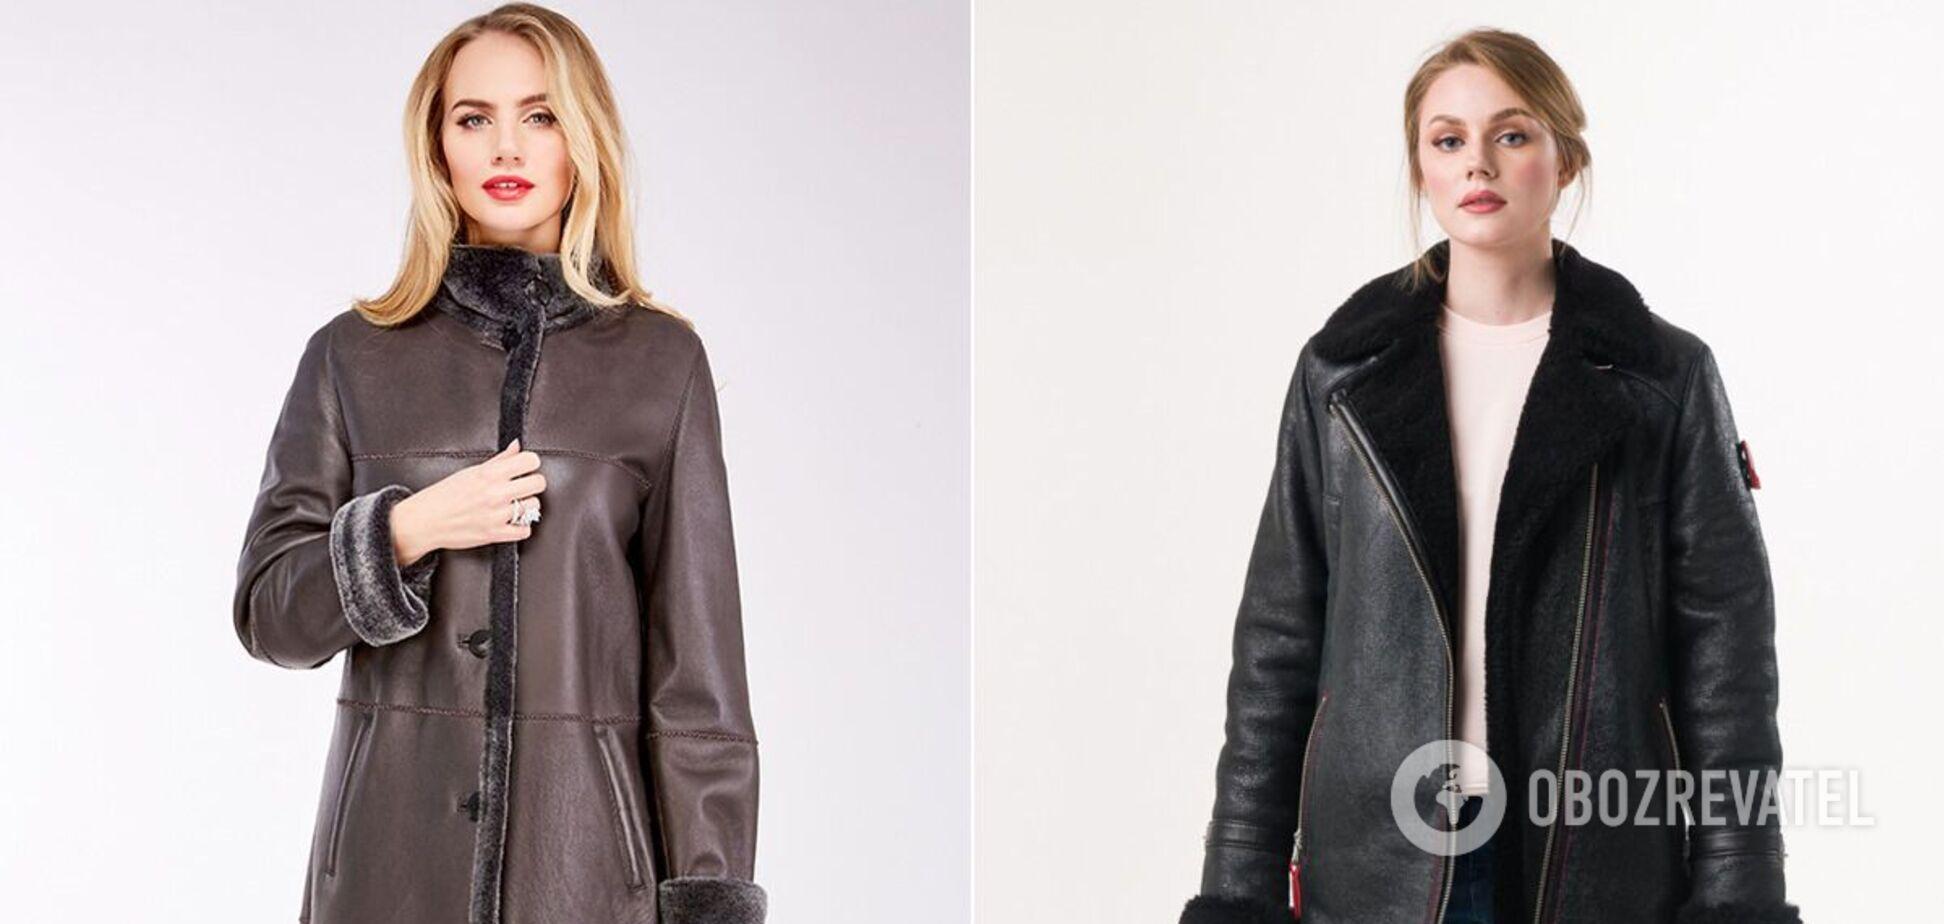 Модные дубленки 2021: названы трендовые модели